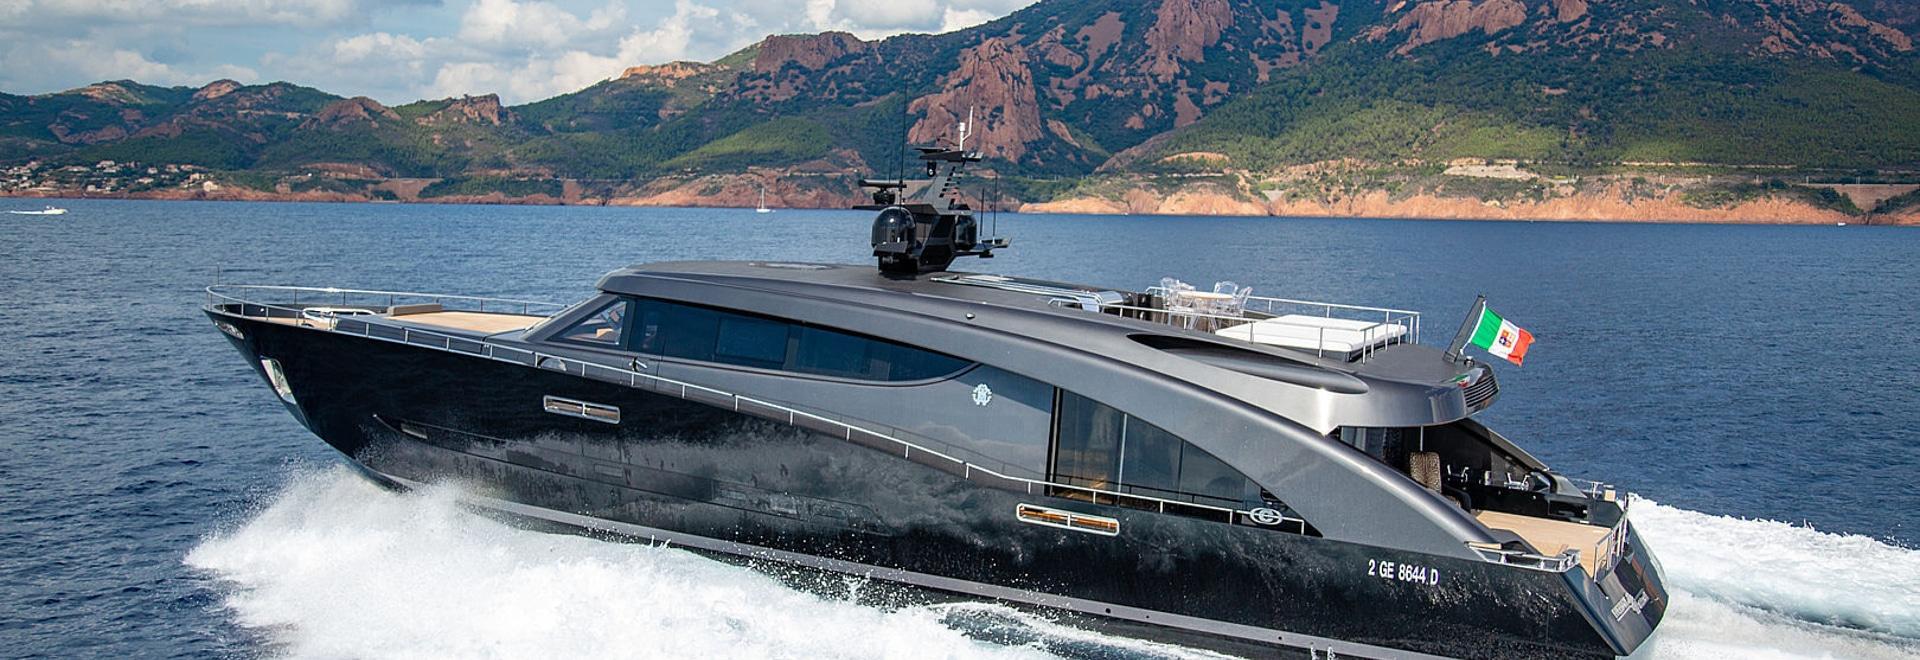 A bordo di libertà dell'yacht dei 28m di Roberto Cavalli